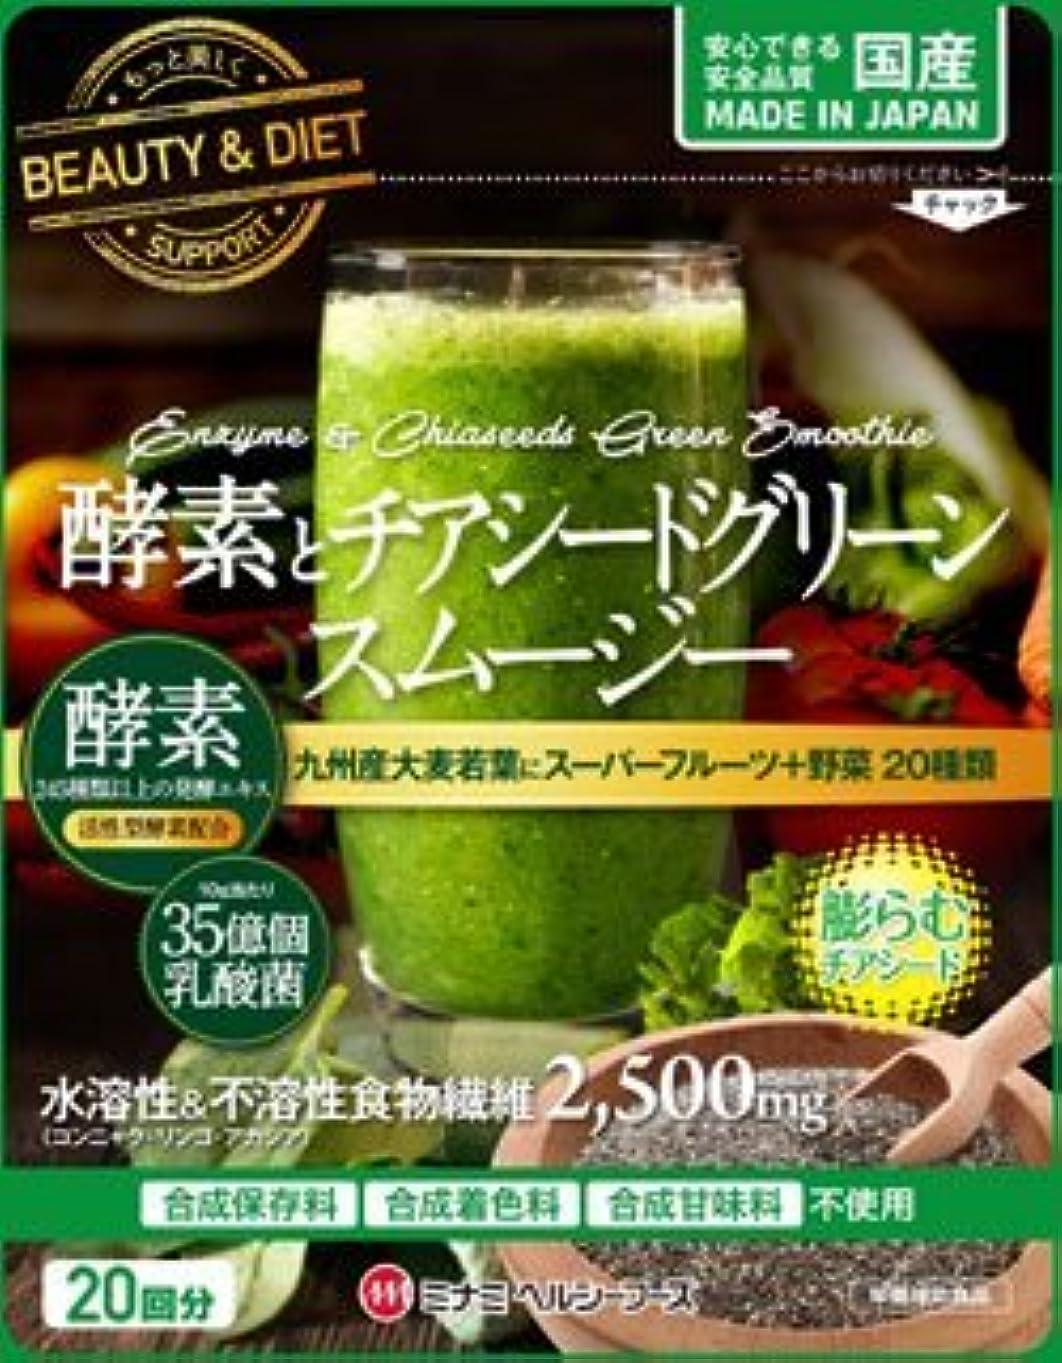 広告主レイアウト青写真酵素とチアシードグリーンスム-ジー200g ×8